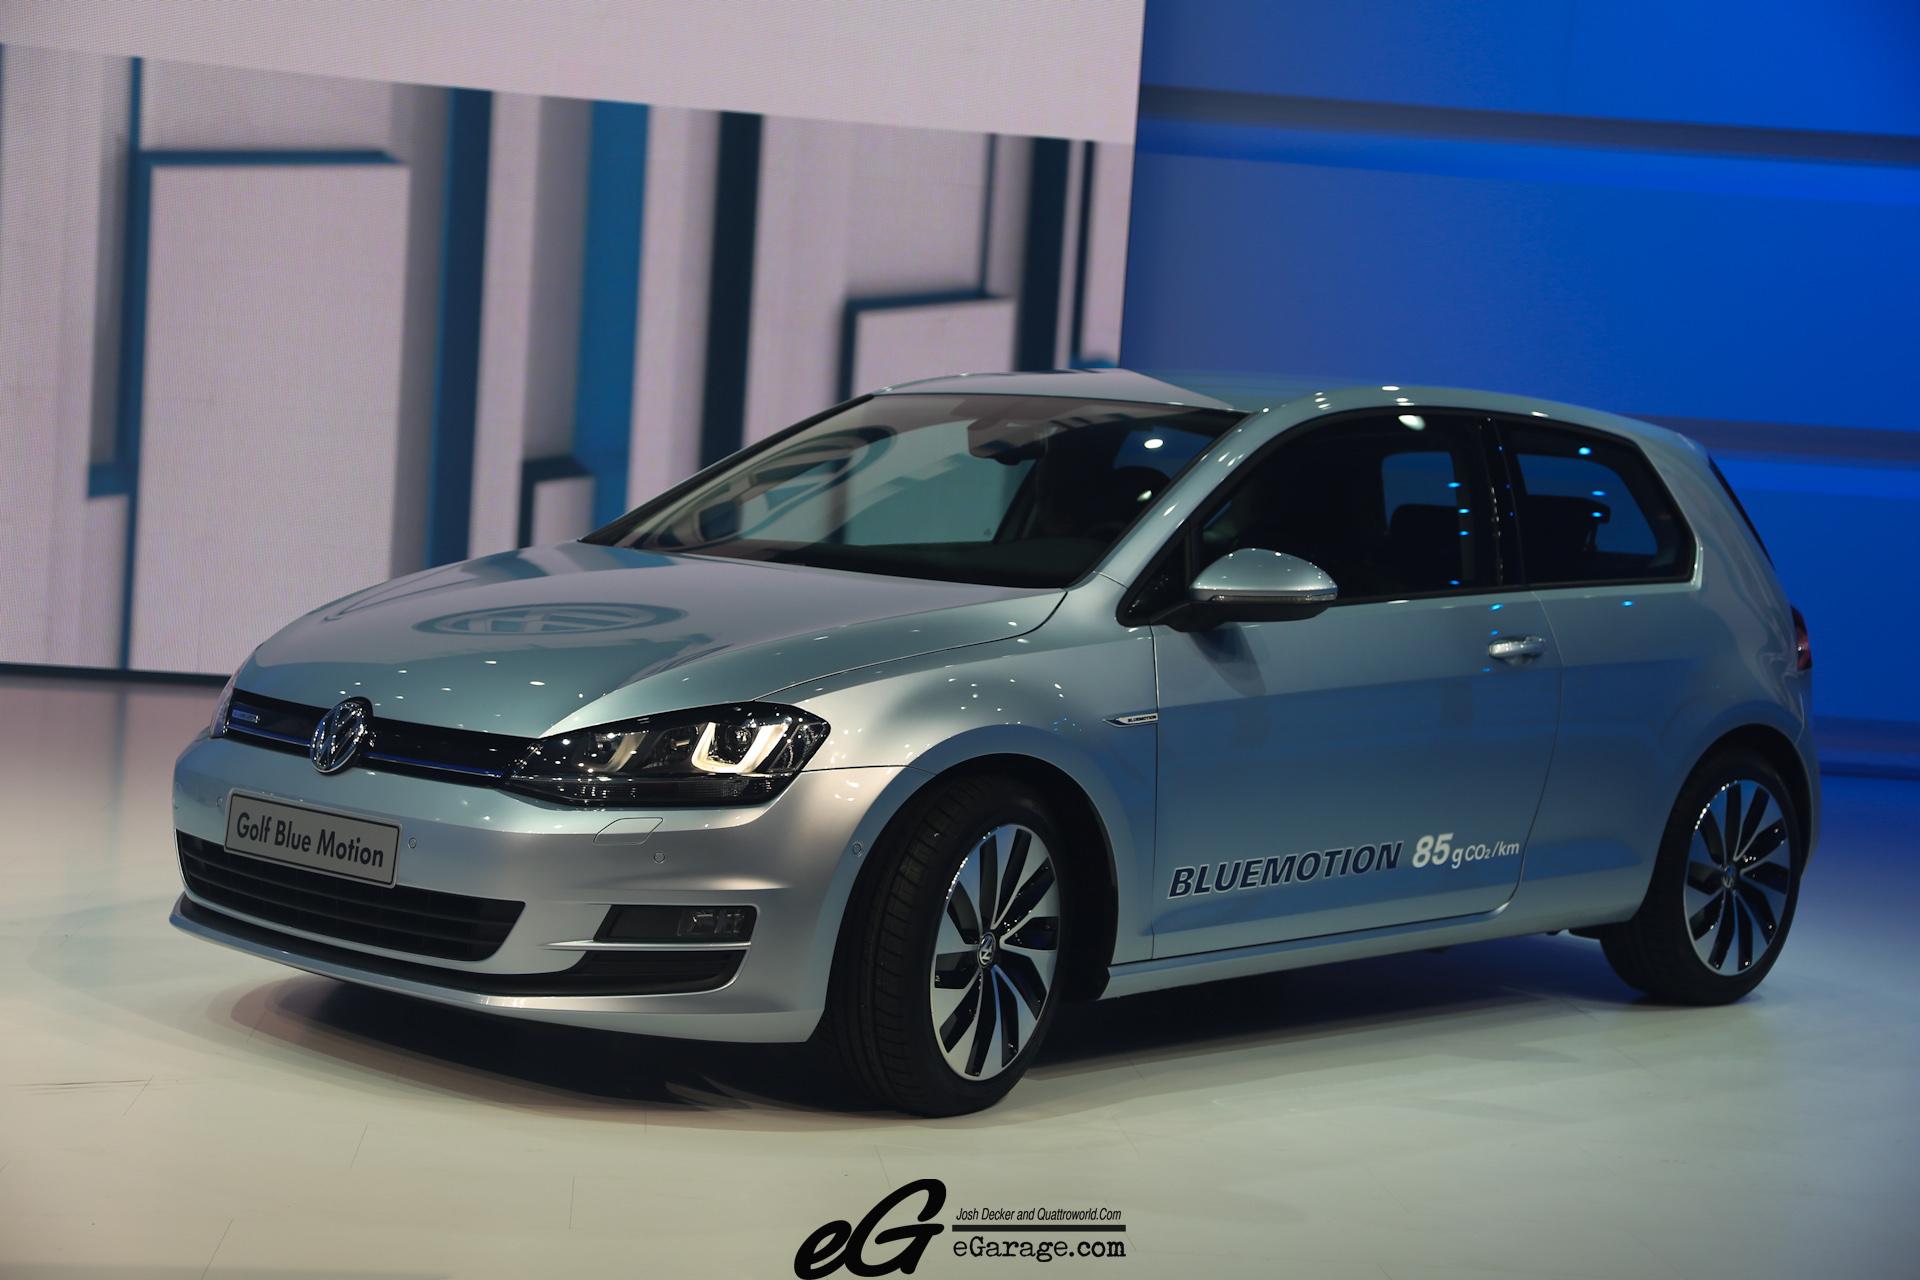 8030384481 2fda0ceea4 o 2012 Paris Motor Show